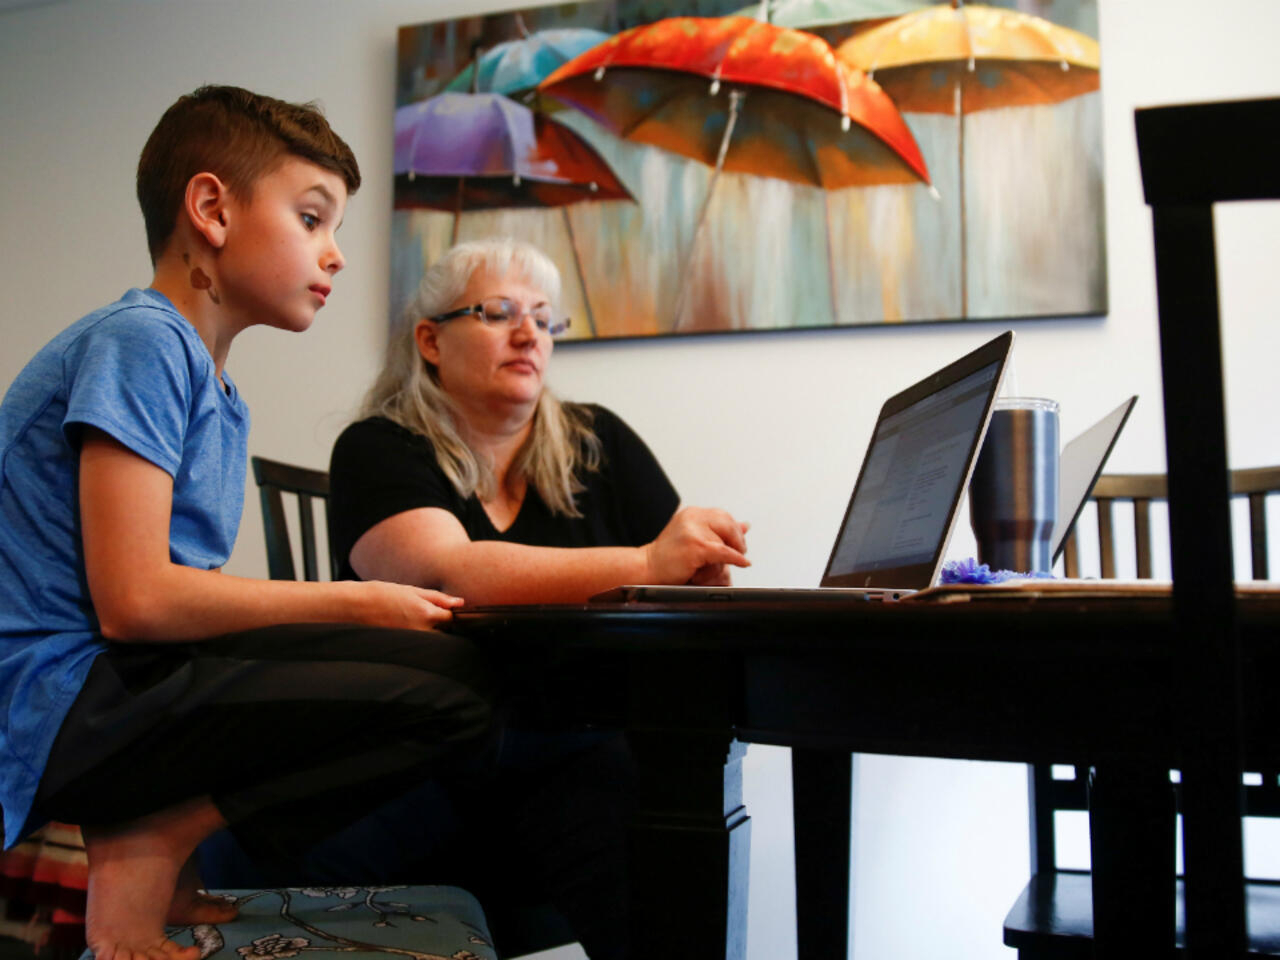 Teletrabajo Niños Y Cuarentena Consejos Para Ser Productivo Y No Perder La Cabeza